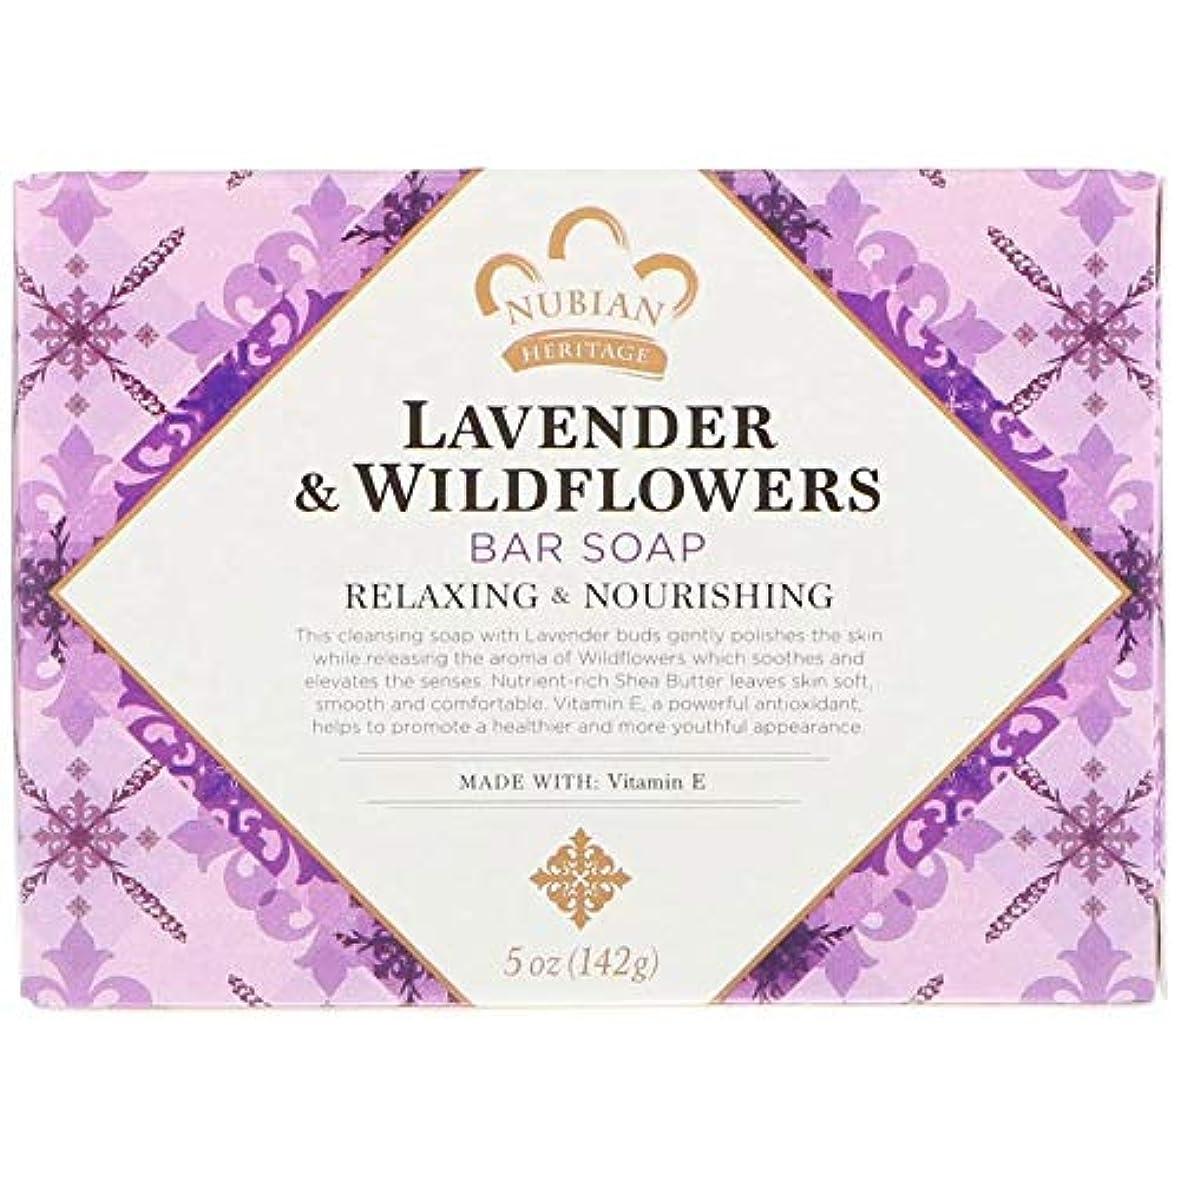 の頭の上ルートピーブシアバターソープ石鹸 ラベンダー&ワイルドフラワー Lavender & Wildflowers Bar Soap, 5 oz (142 g) [並行輸入品]